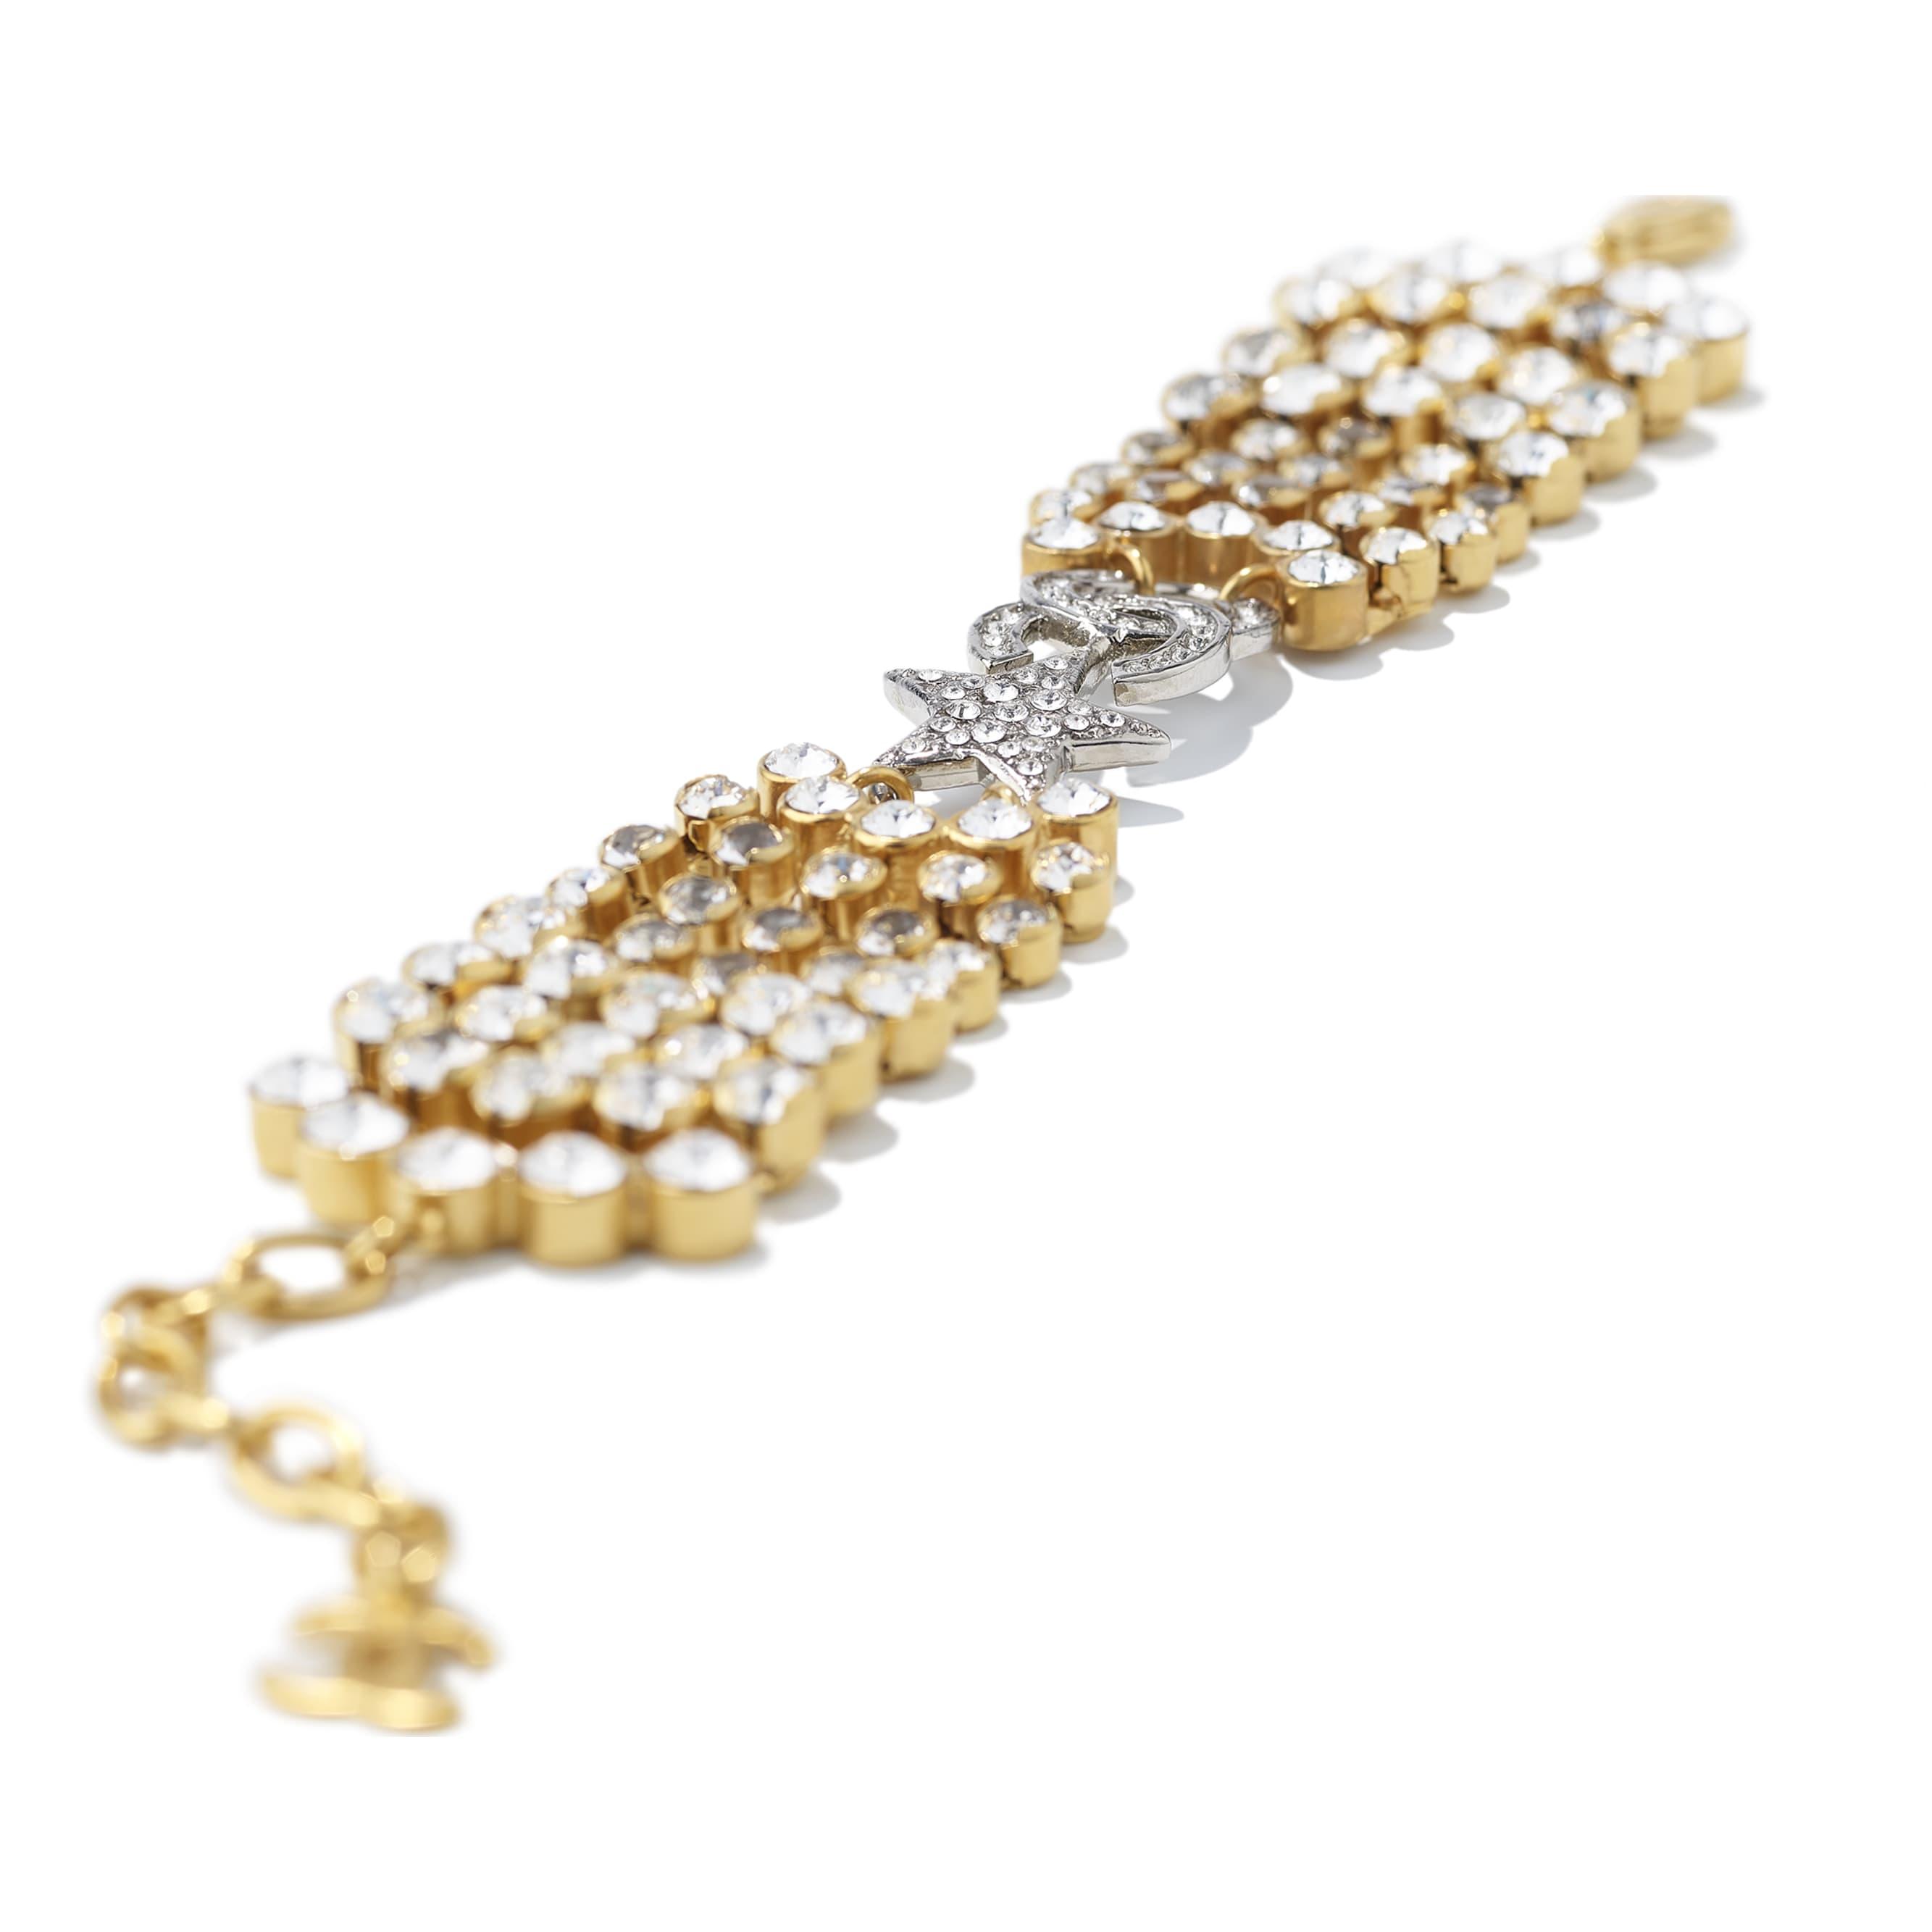 Bracciale - Oro, argento & cristallo - Metallo & strass - CHANEL - Immagine diversa - vedere versione standard